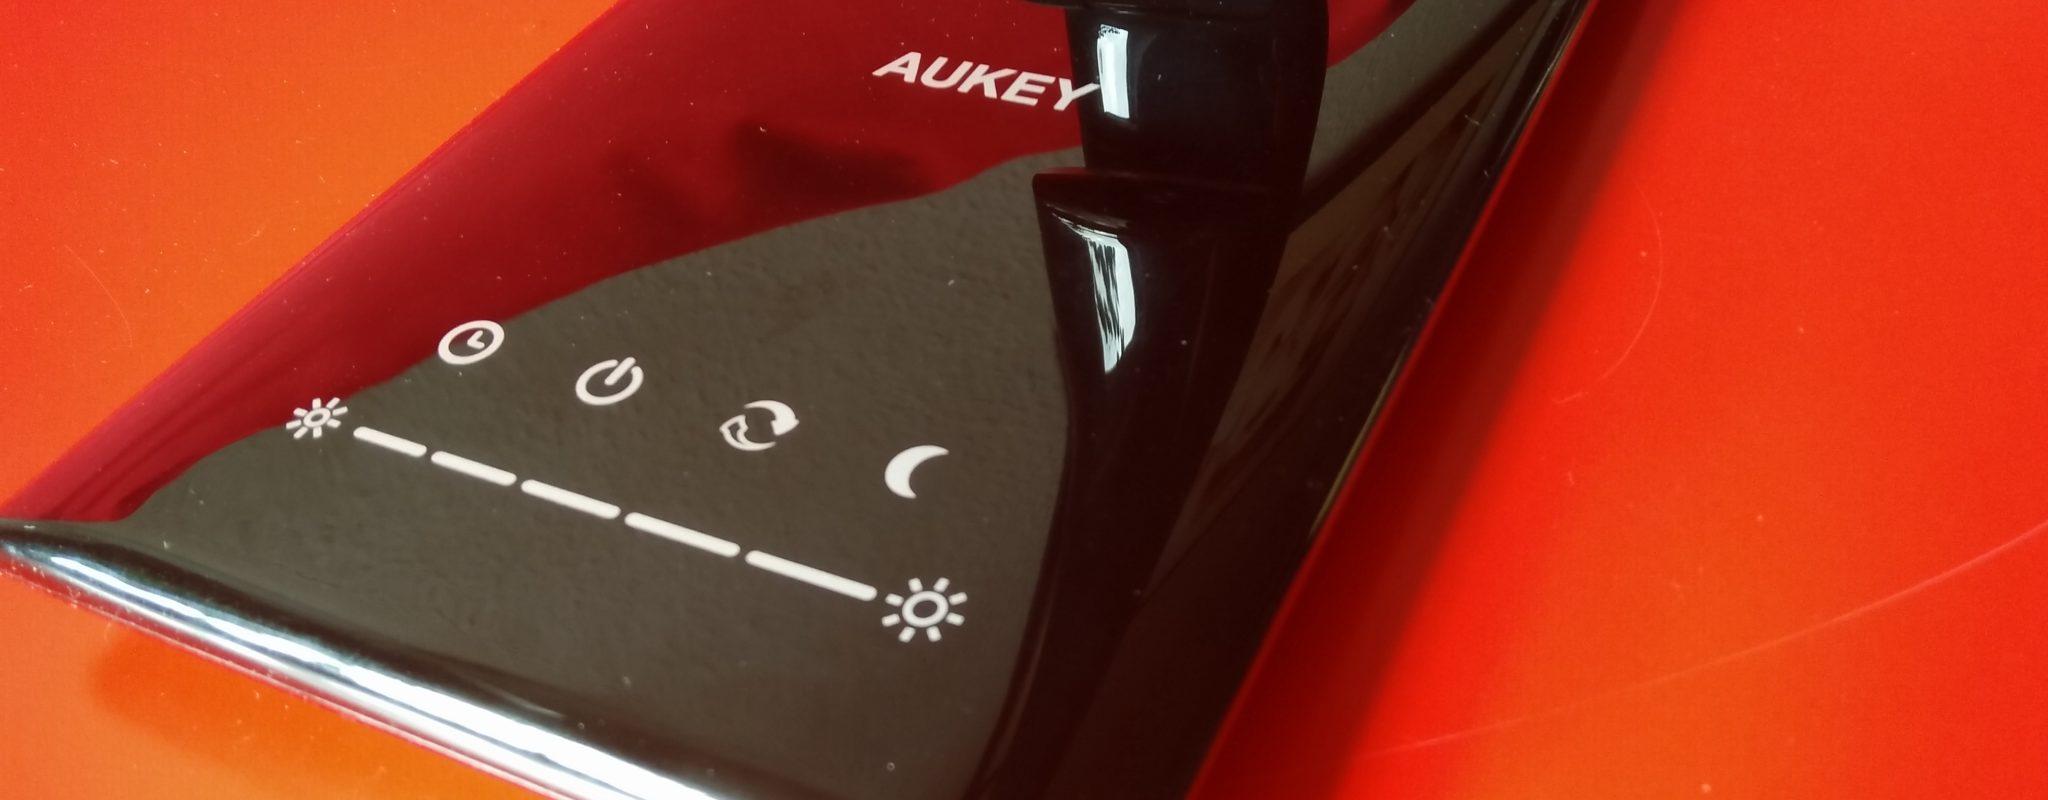 Getestet: AUKEY Schreibtischlampe LT-T10